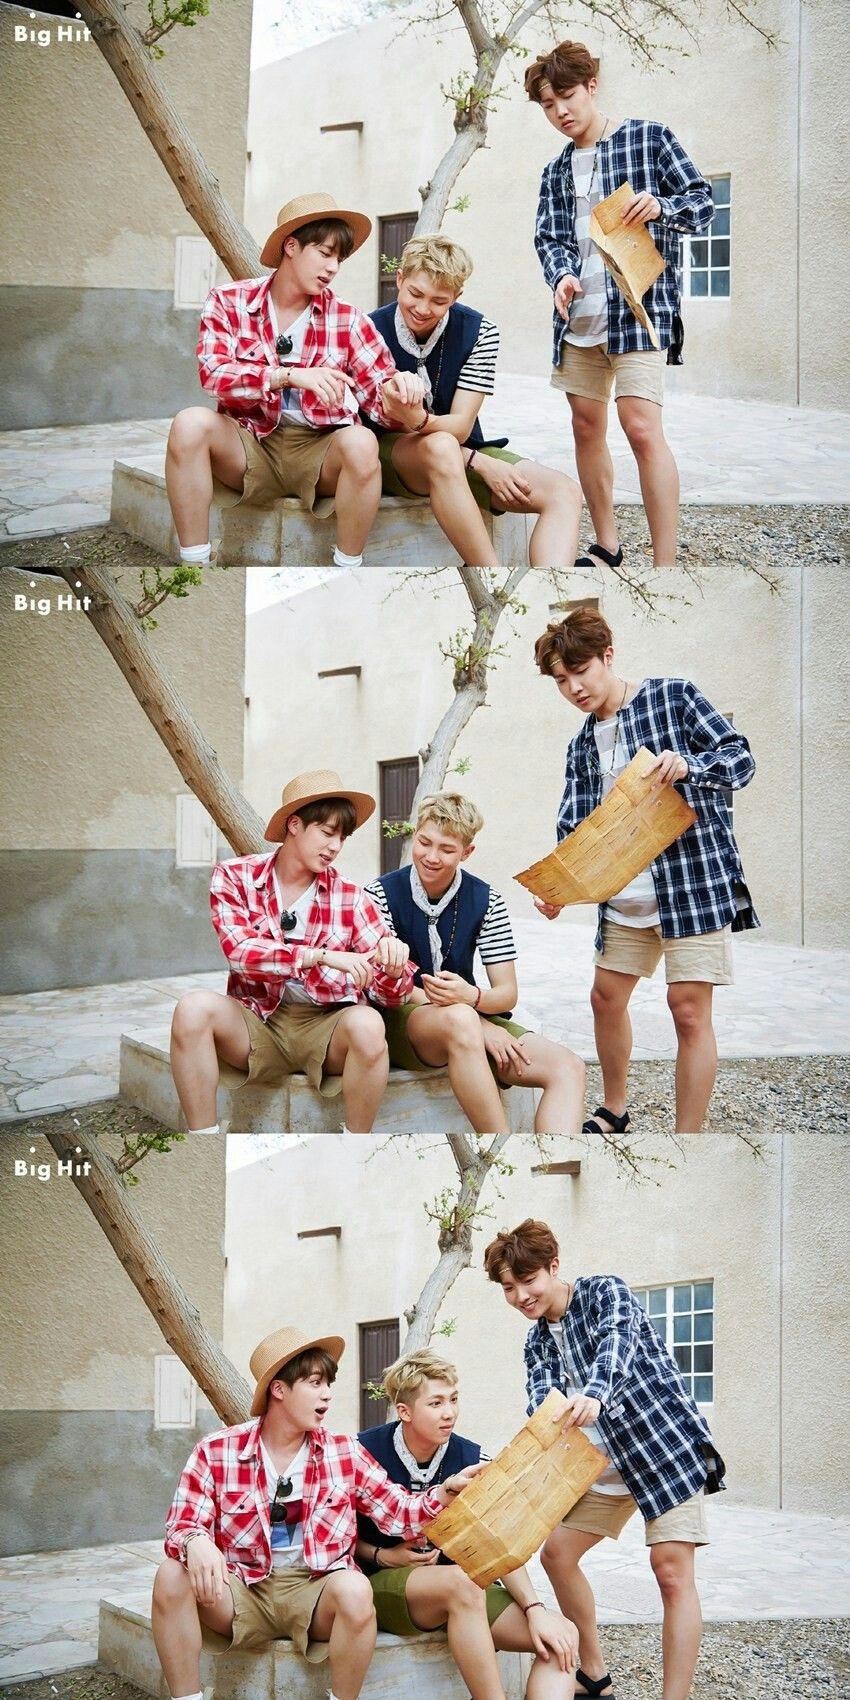 Bts ~ jin, jhope & rap monster